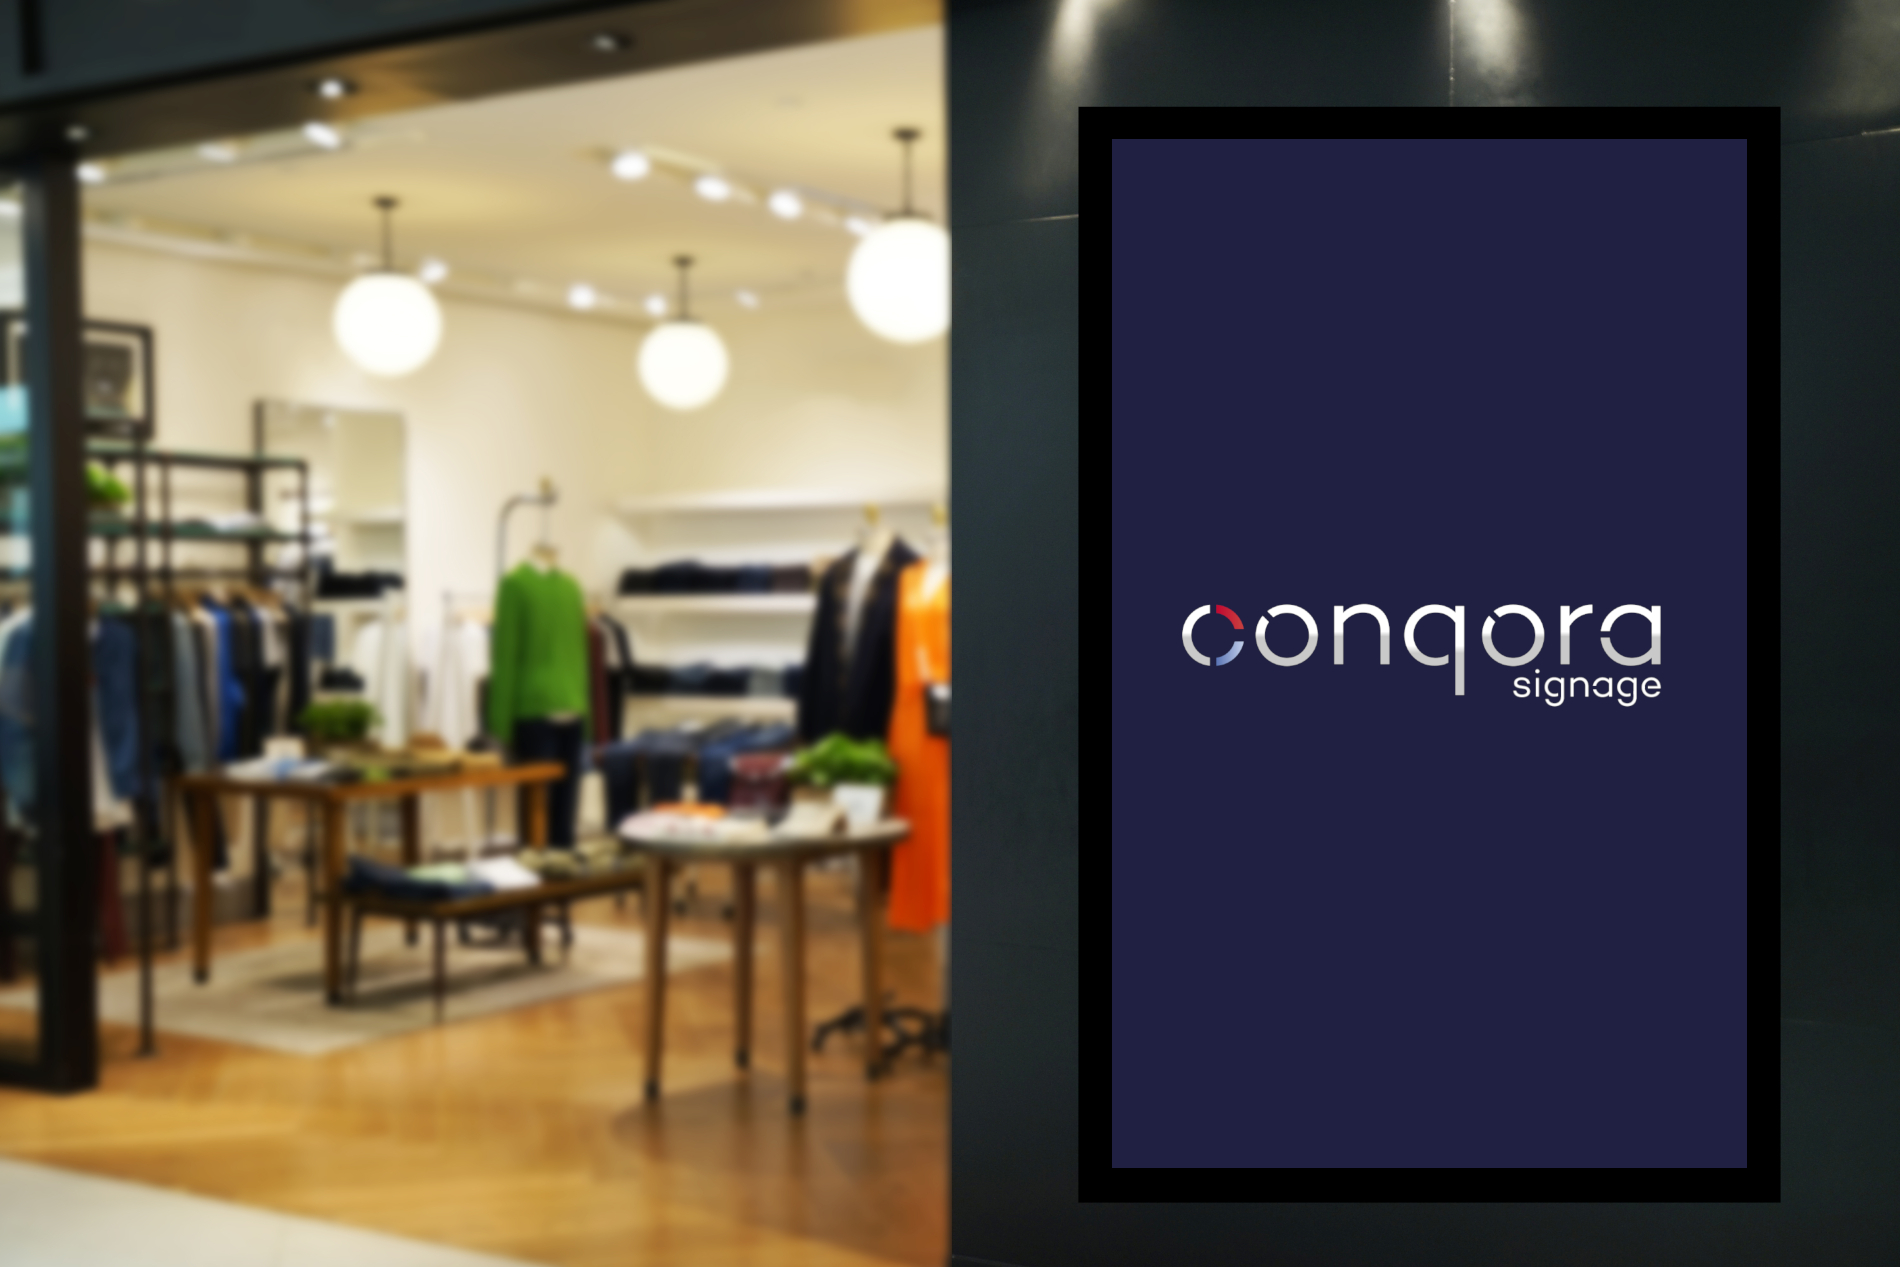 Conqora Signage